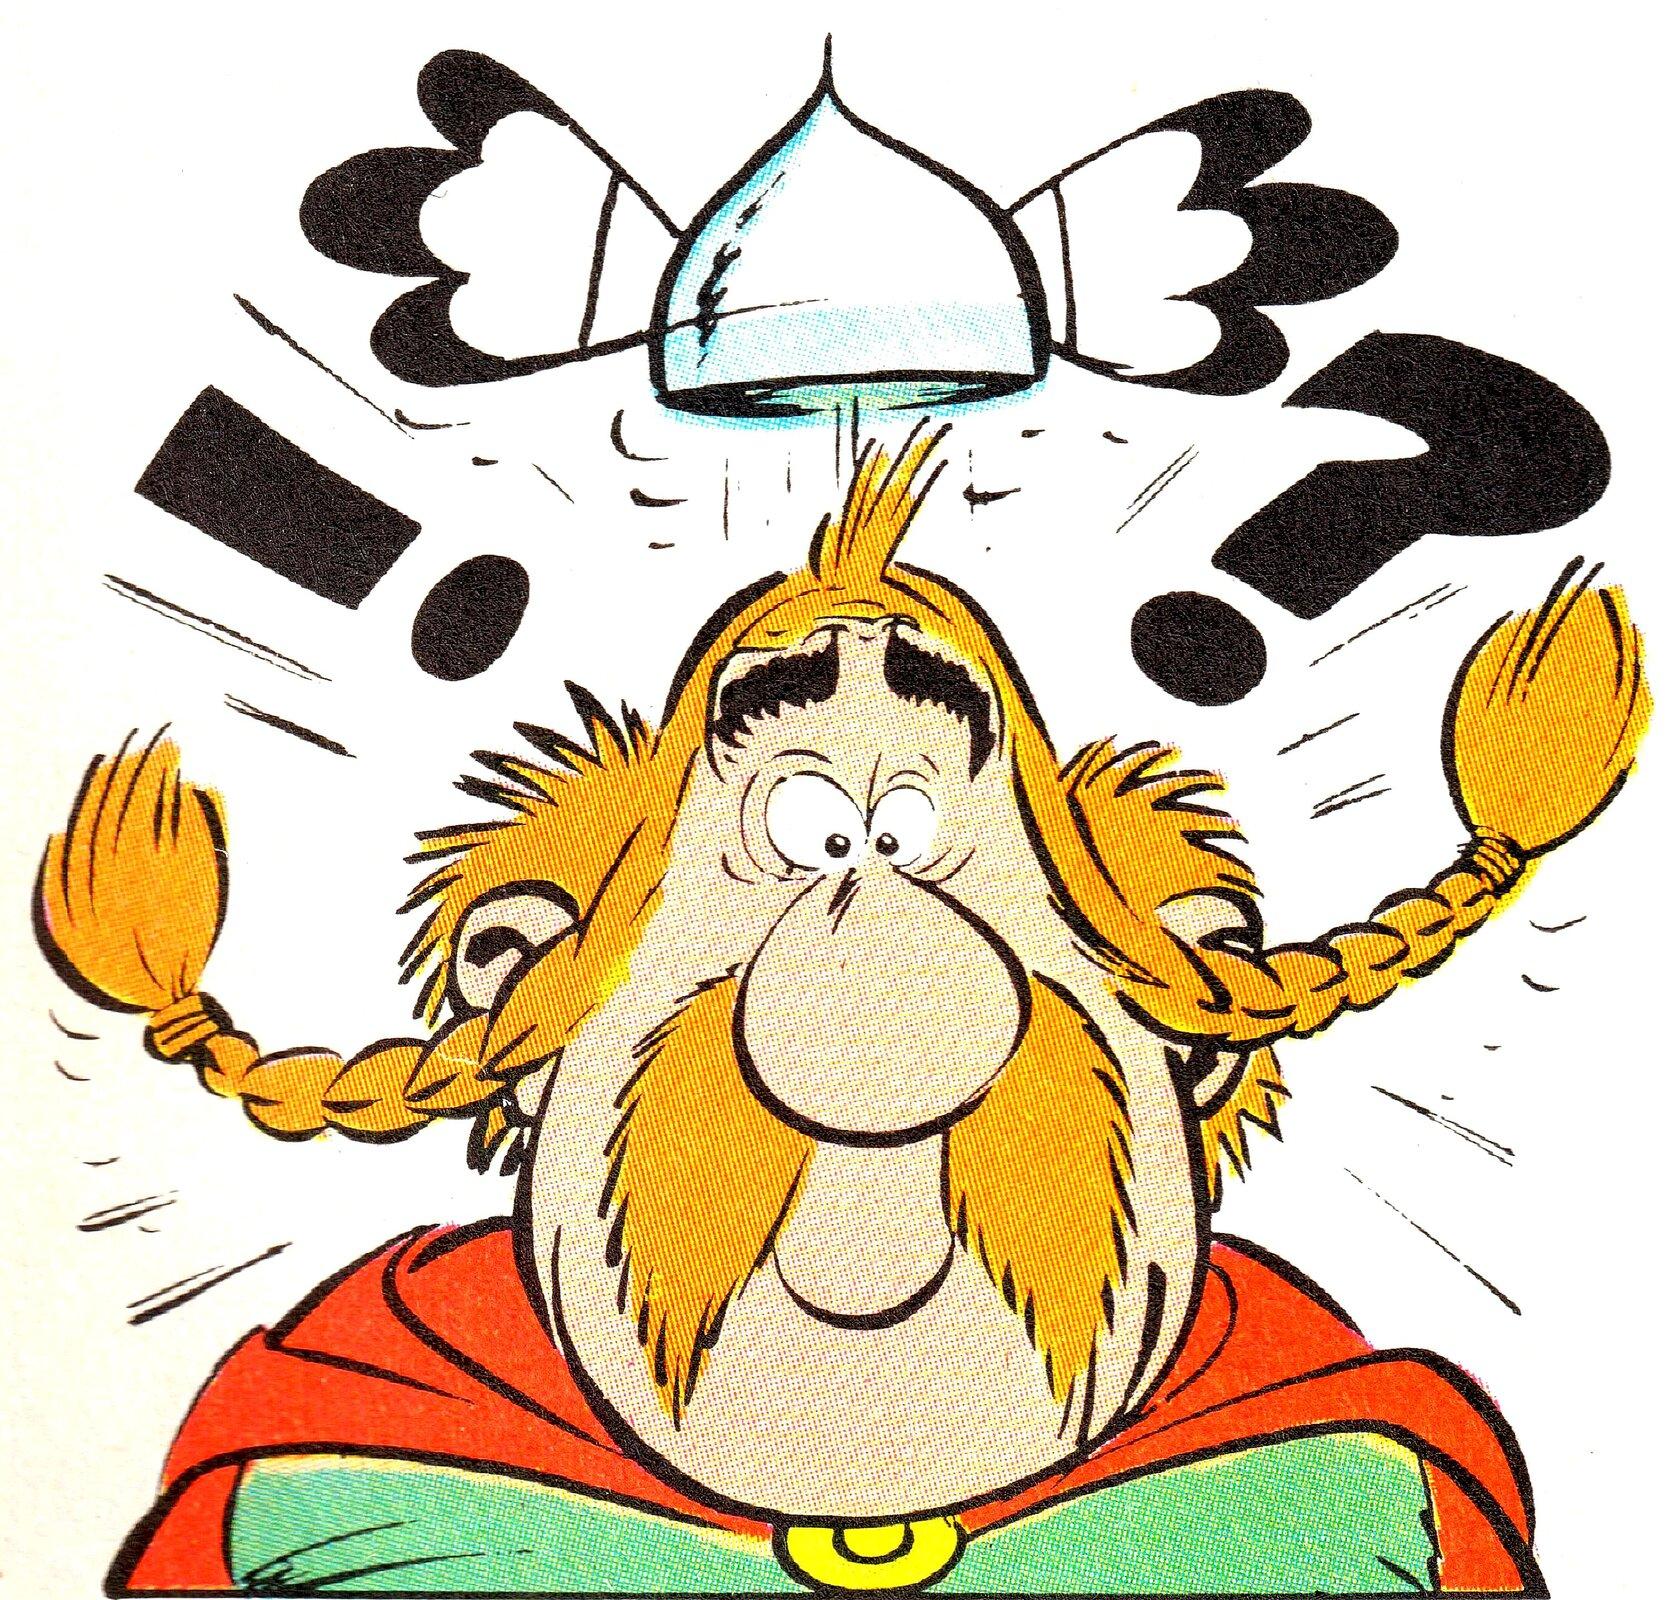 """Ilustracja przedstawia fragment komiksu """"Asterix legionista"""". Ukazuje jednego zbohaterów okrągłych rysach twarzy zzaplecionymi warkoczami, nad którym pojawiają się wykrzyknik iznak zapytania, wyrażające dezorientację. Stan bohatera podkreśla unoszący się hełm ze skrzydełkami."""